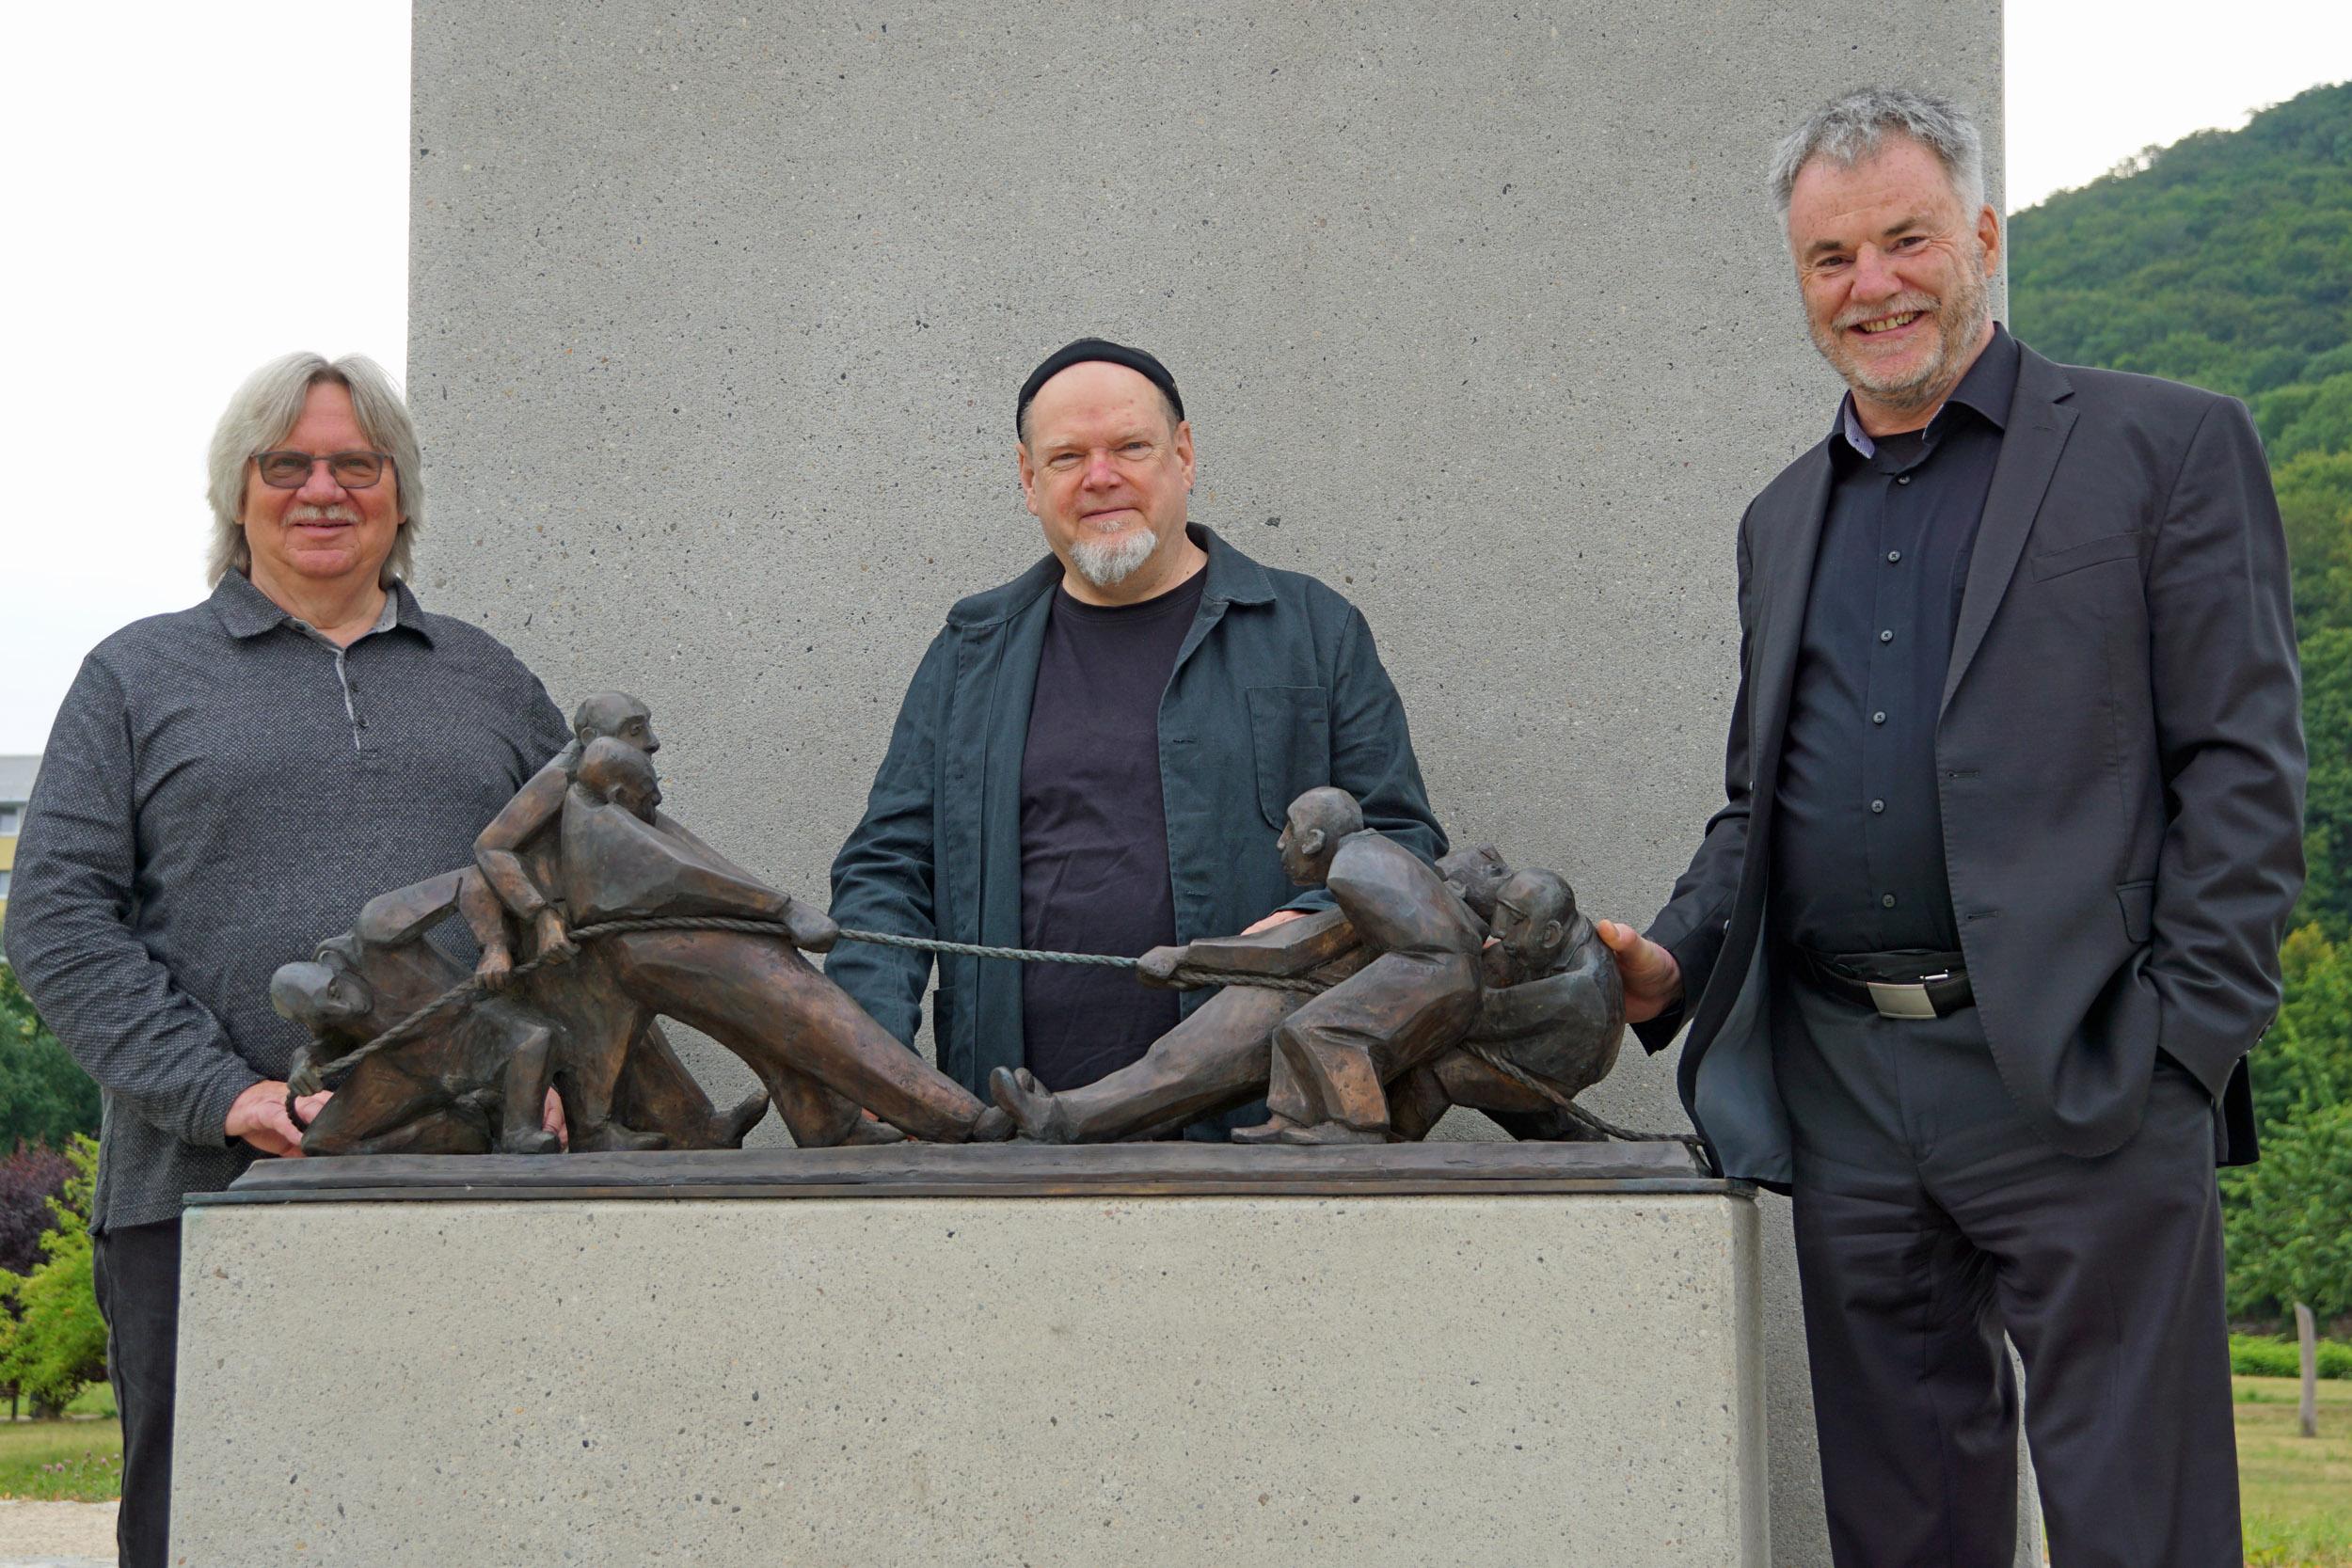 """Oberbürgermeister Uwe Rumberg, Künstler Olaf Stoy und der Zweite Bürgermeister Jörg-Peter Schautz (v.r.n.l.) vor der Figurengruppe """"Tauziehen"""" auf dem Freitaler Neumarkt."""